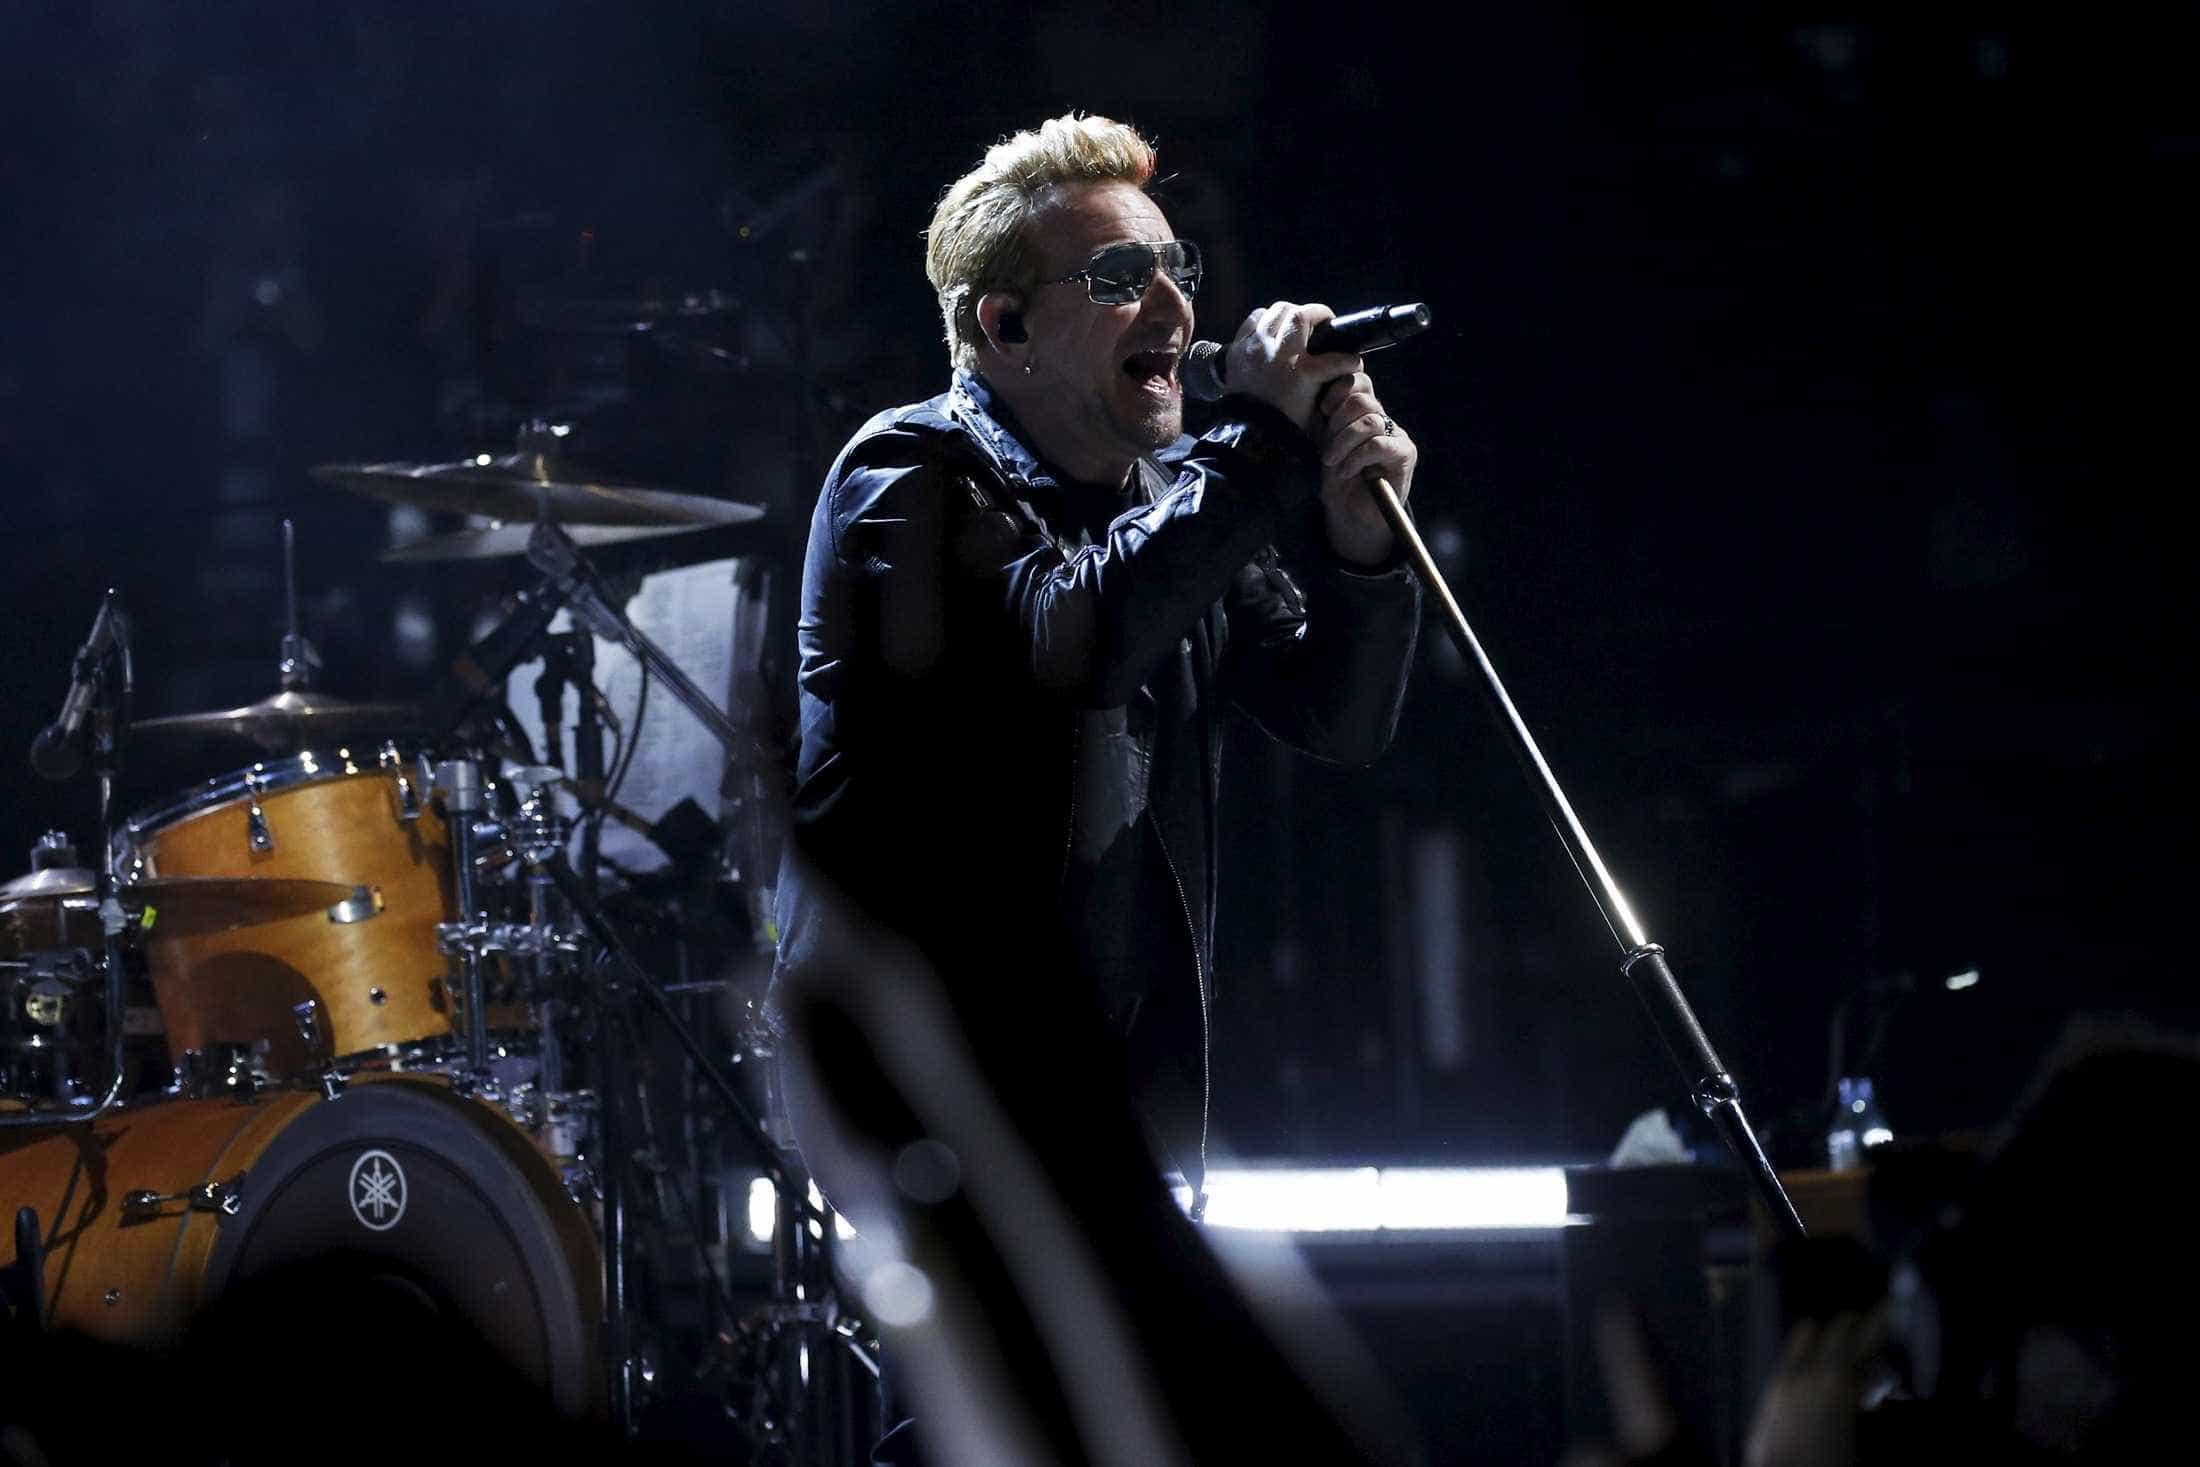 Carnaval vai virar parada militar, diz Bono sobre eleição de Bolsonaro